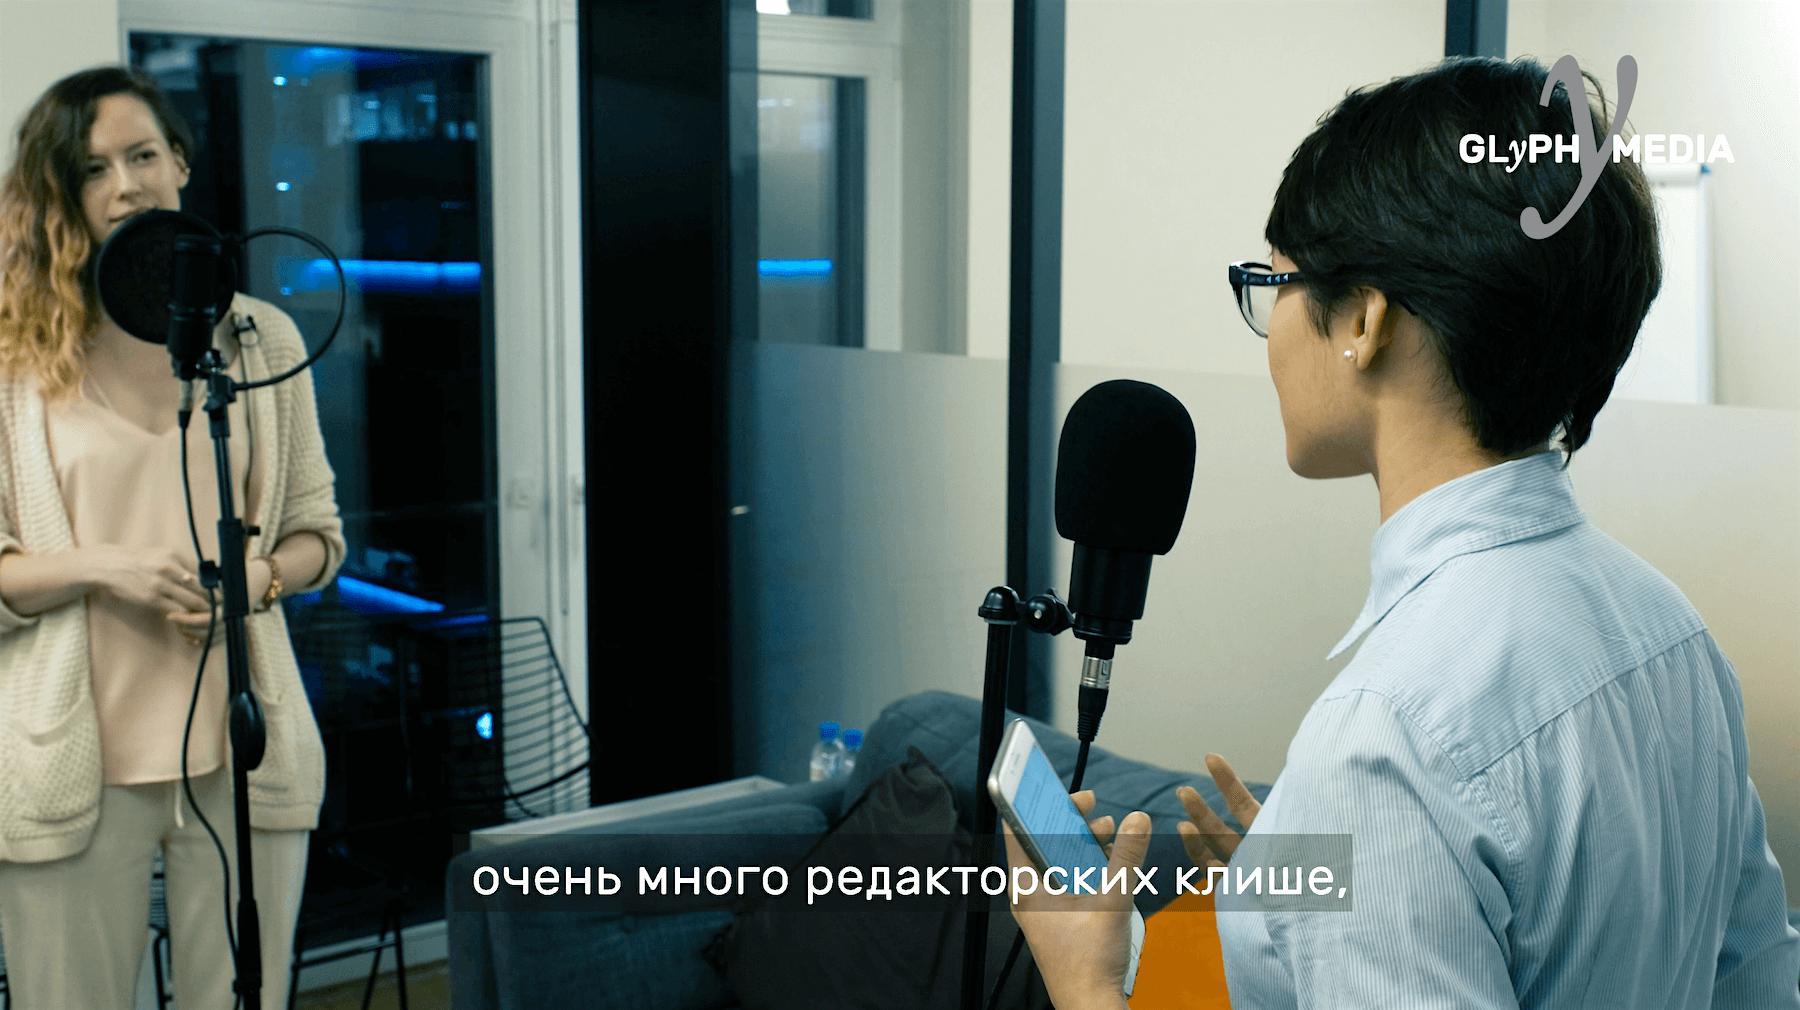 Путь от глянца к нейронаукам: тематический подкаст о карьере в медиа и контент-маркетинге